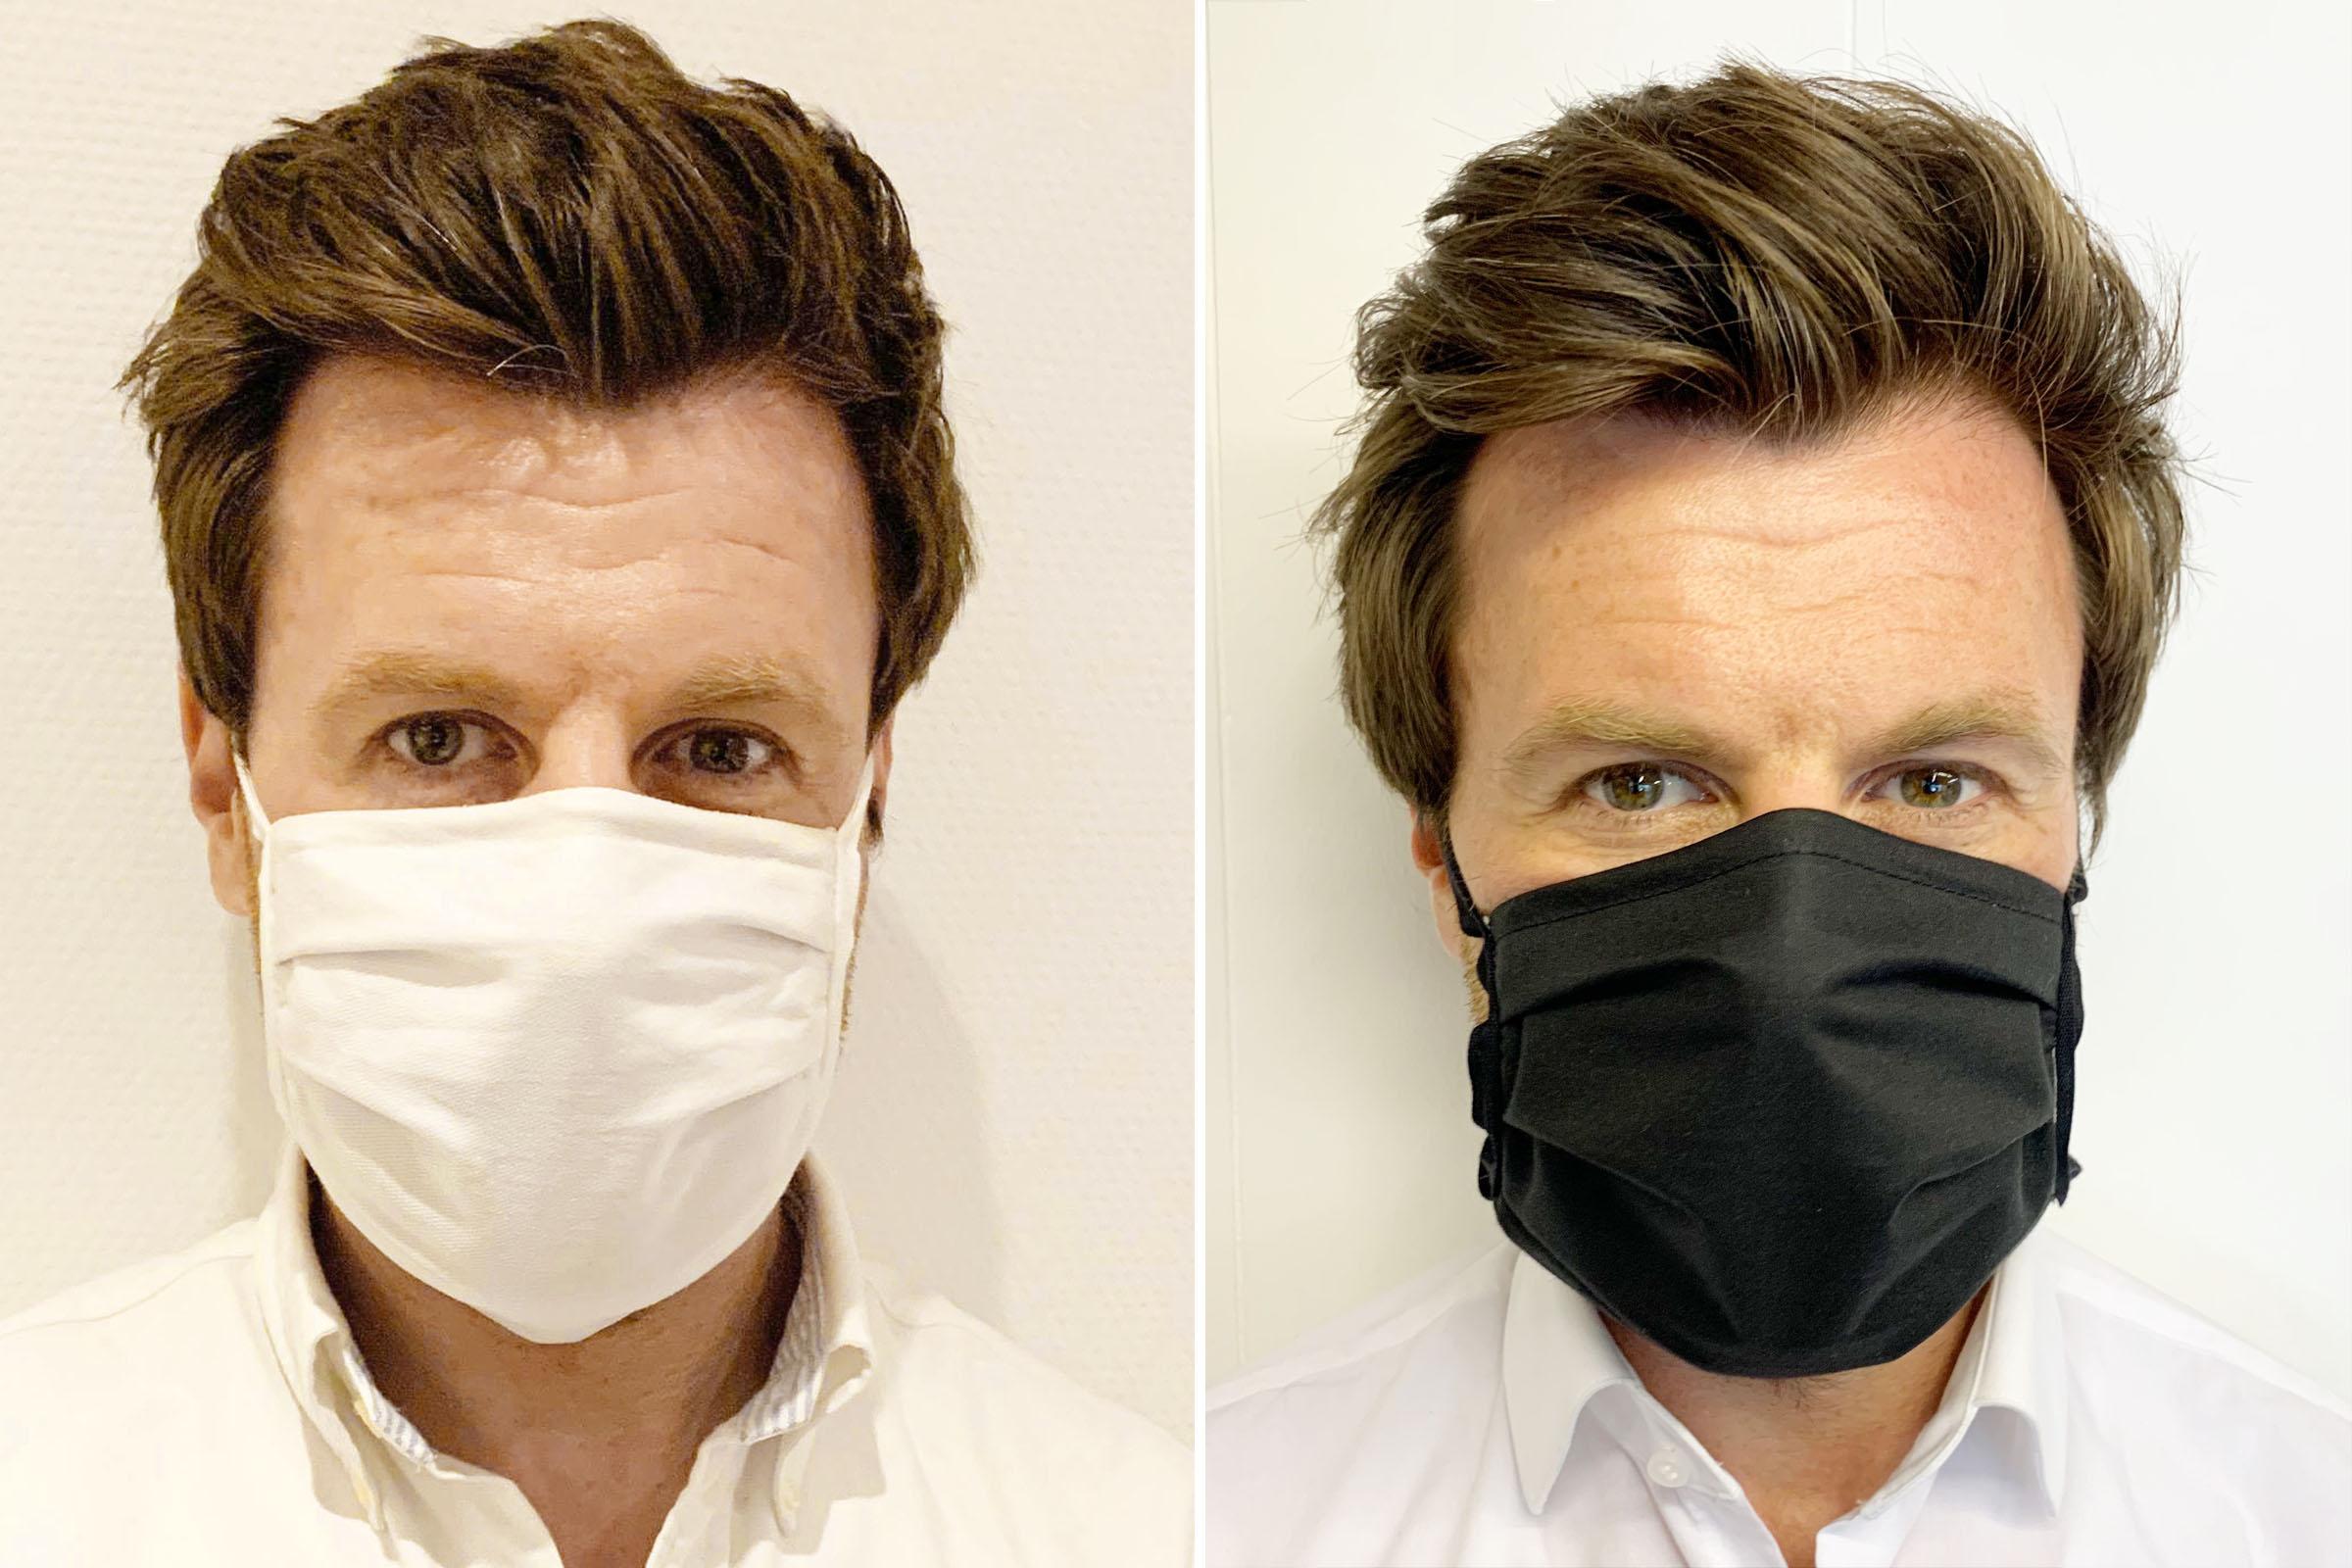 Behelfs-Mund-Nasen-Schutz (kein Medizinprodukt)